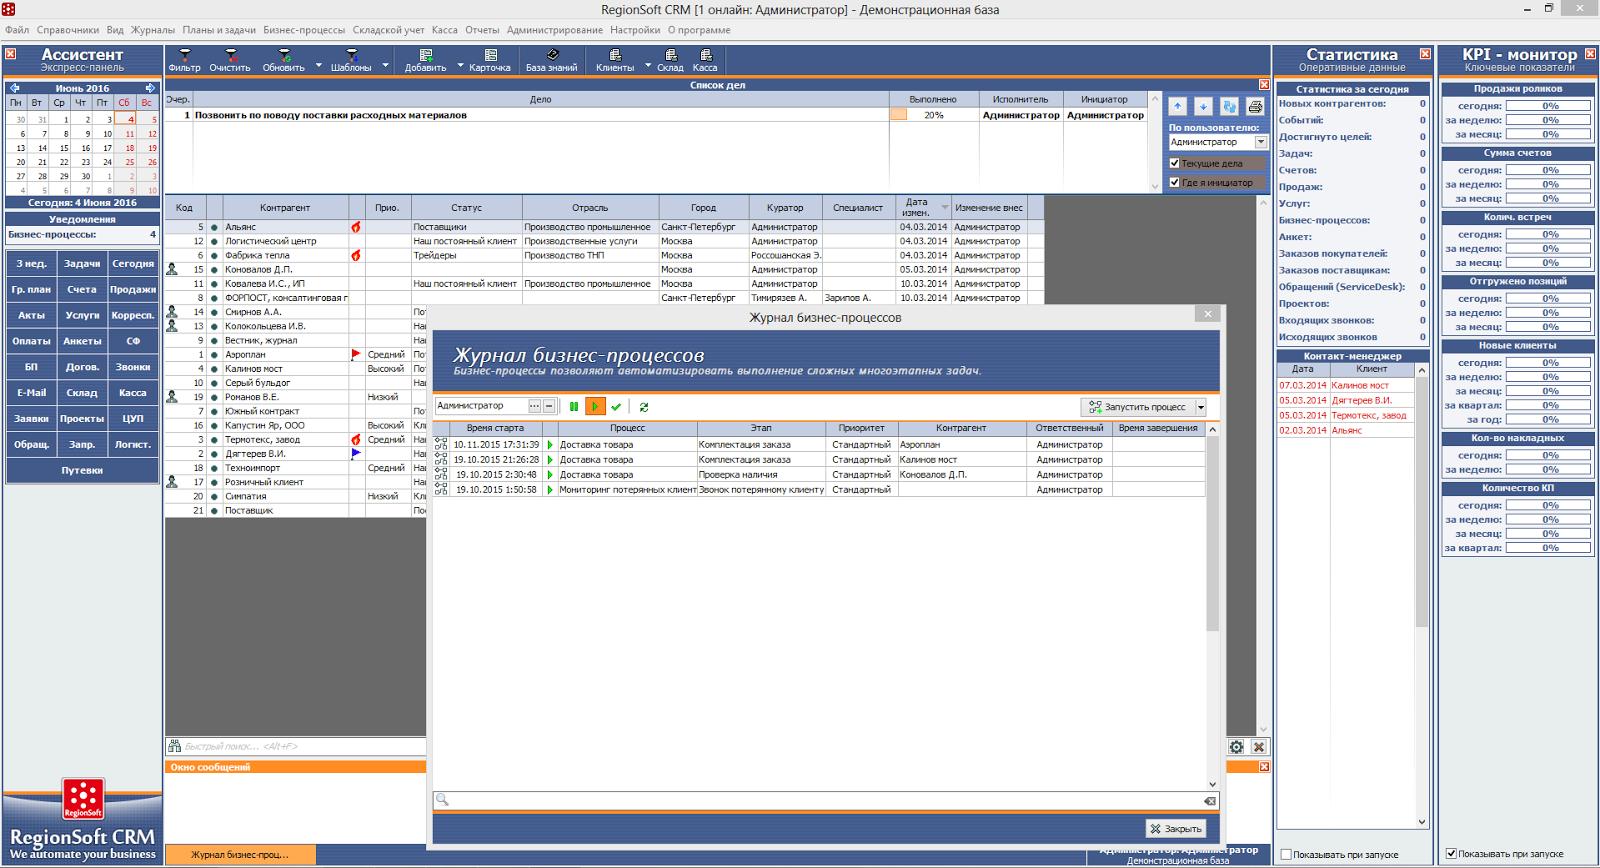 RegionSoft CRM: бизнес, который работает для бизнеса - 6